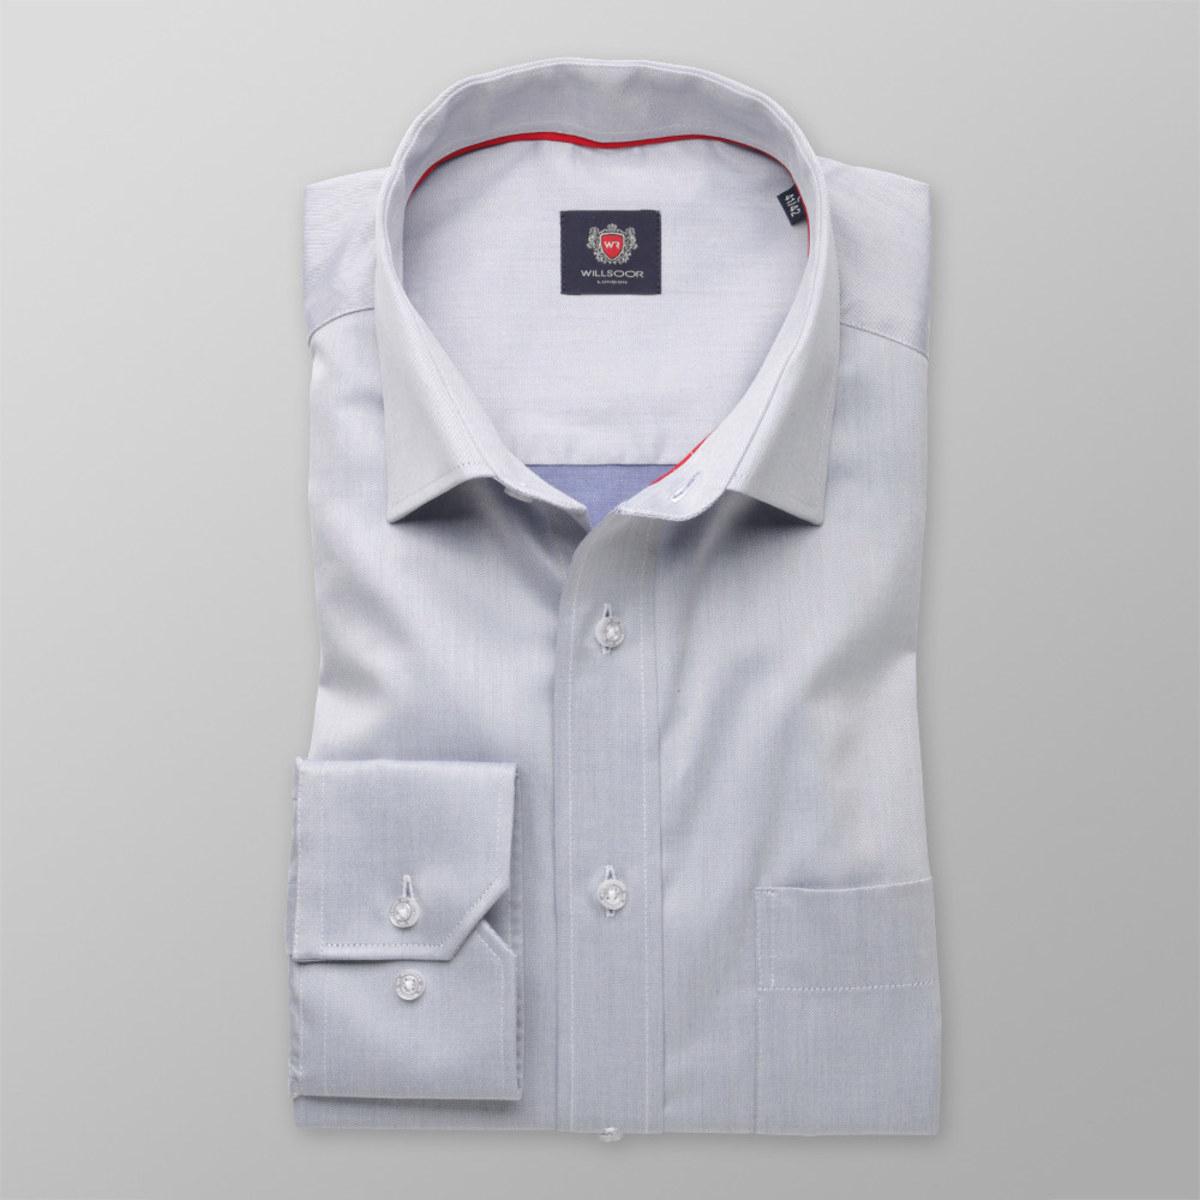 Pánska klasická košeľa London (výška 198-204) 8322 v šedé farbe 198-204 / L (Golier 41/42)